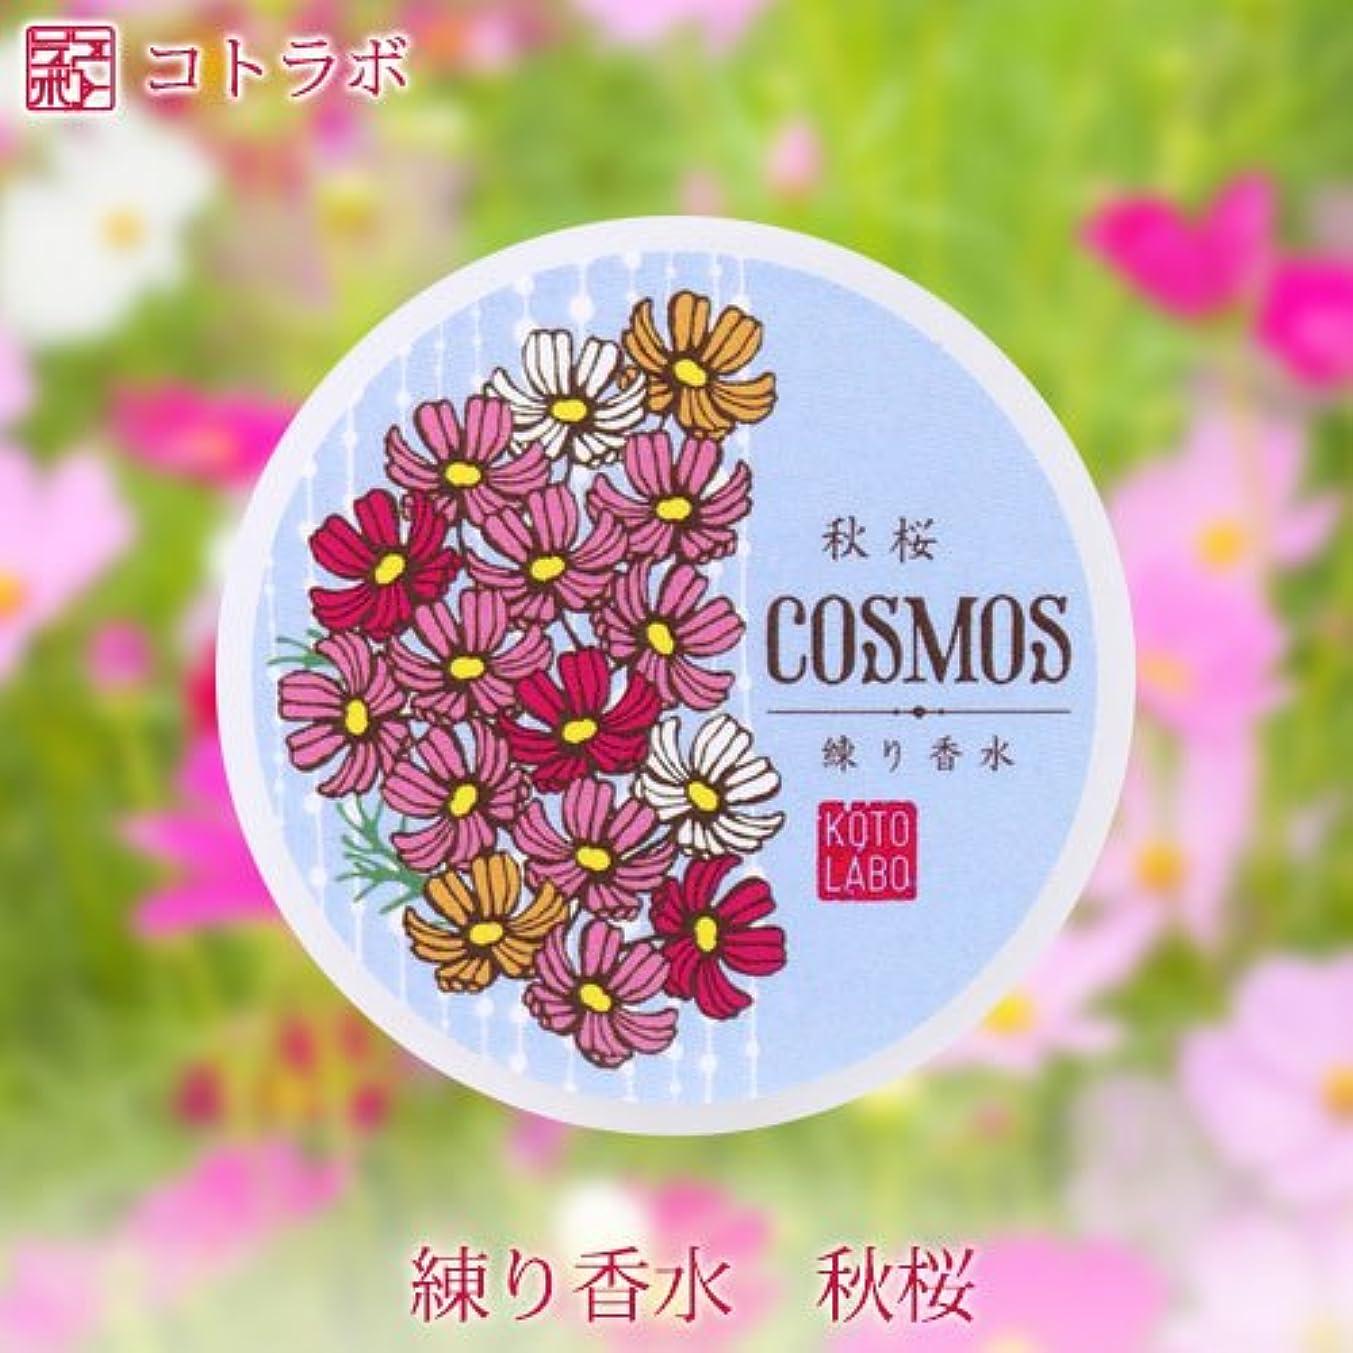 植木不注意中央コトラボ練り香水秋:秋桜(コスモス)ほのかな秋桜の香りソリッドパフュームKotolabo solid perfume, Cosmos